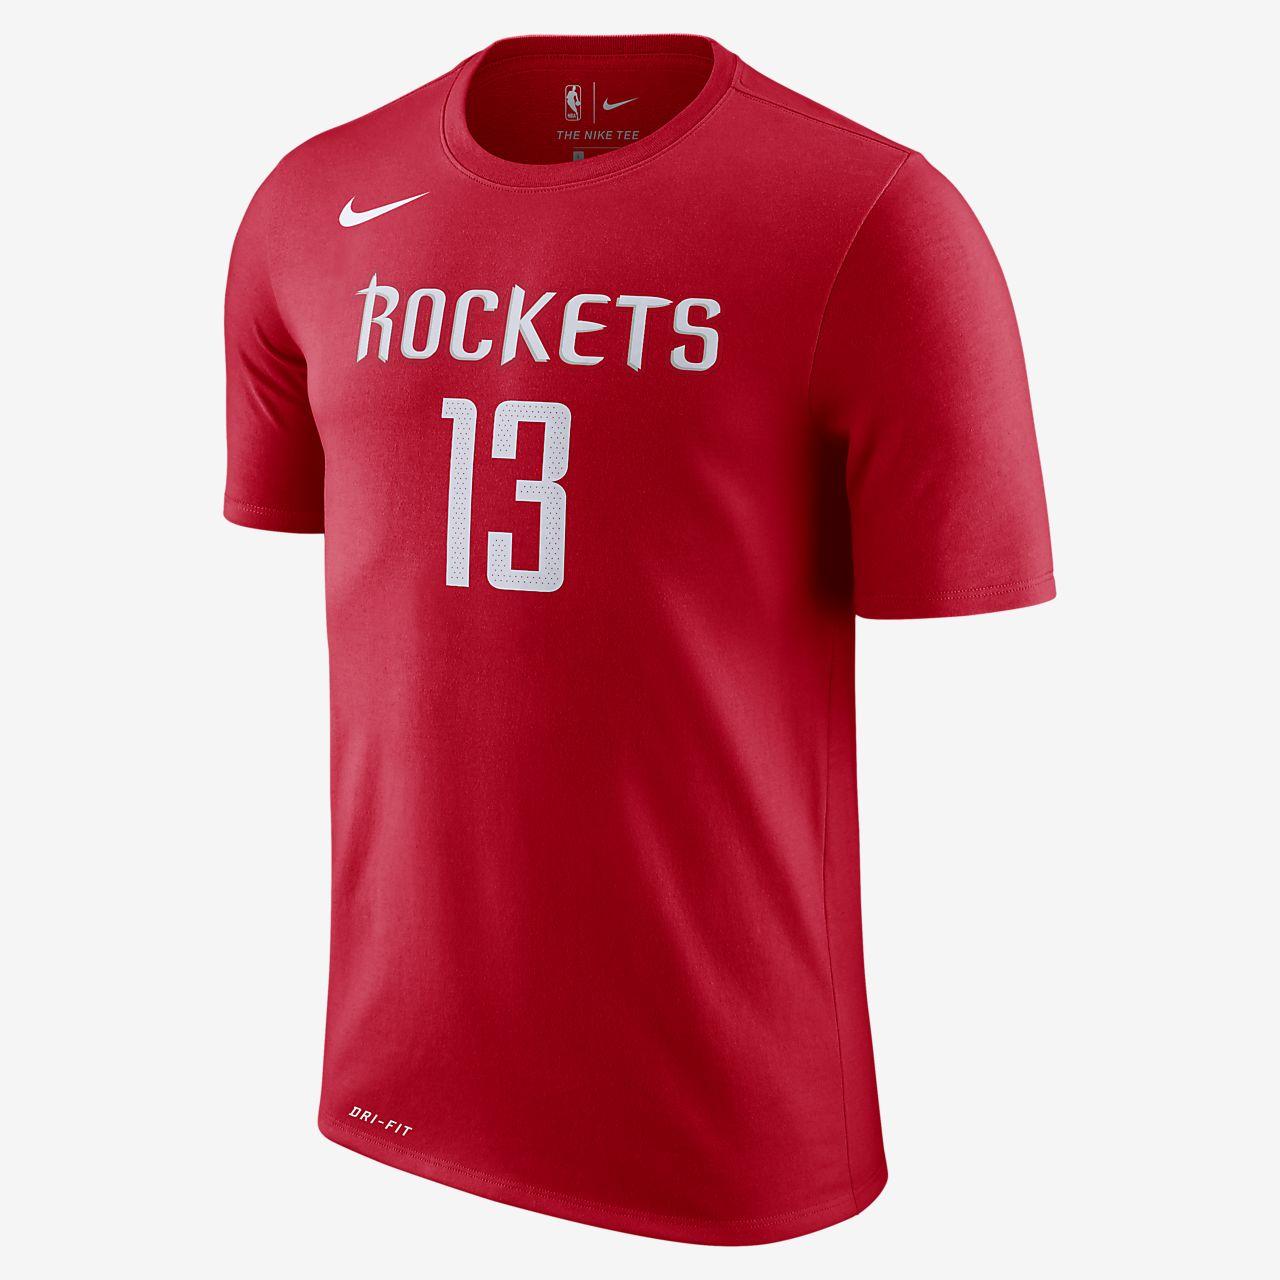 休斯顿火箭队 (James Harden) Nike Dri-FIT 男子 NBA T恤